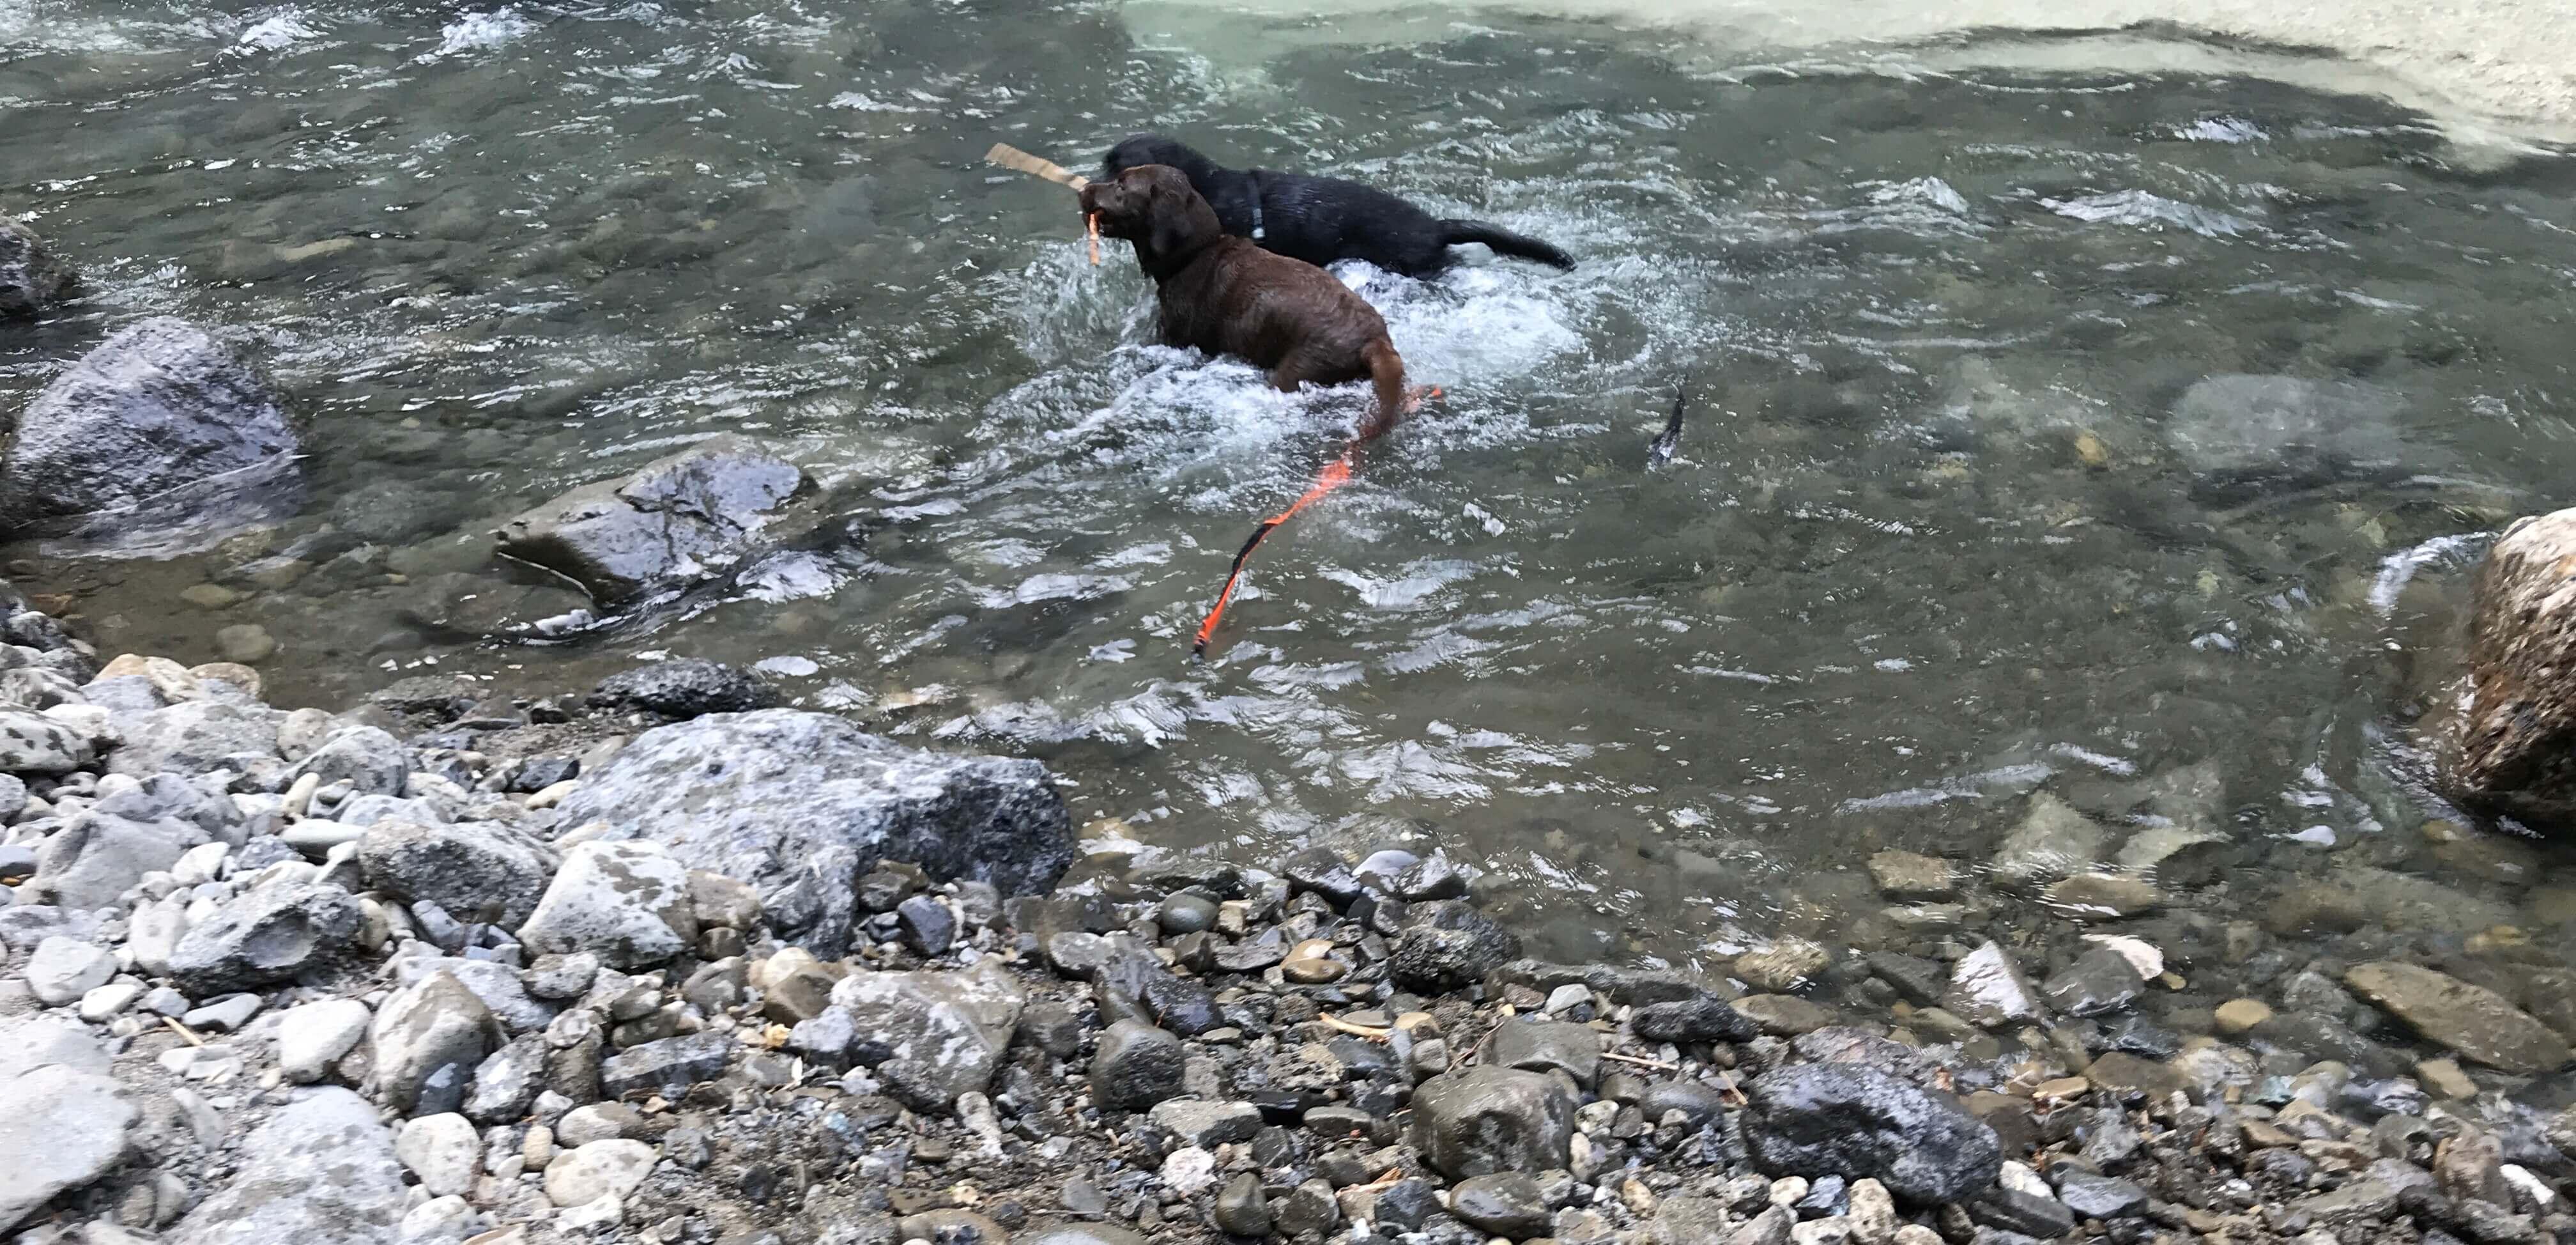 川遊び中枝を咥えたチョコラブと黒ラブ